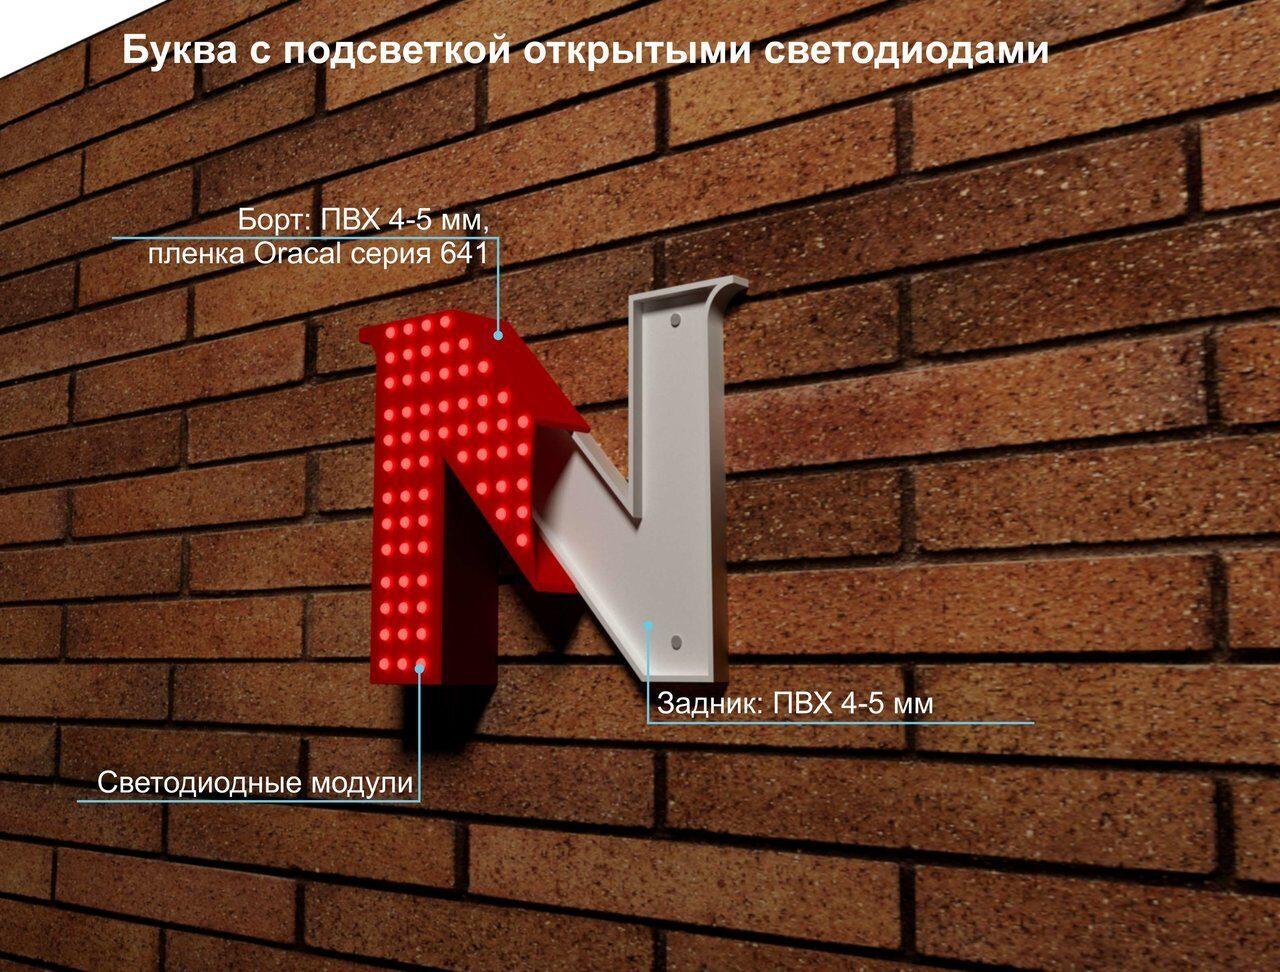 Буква с открытыми светодиодами